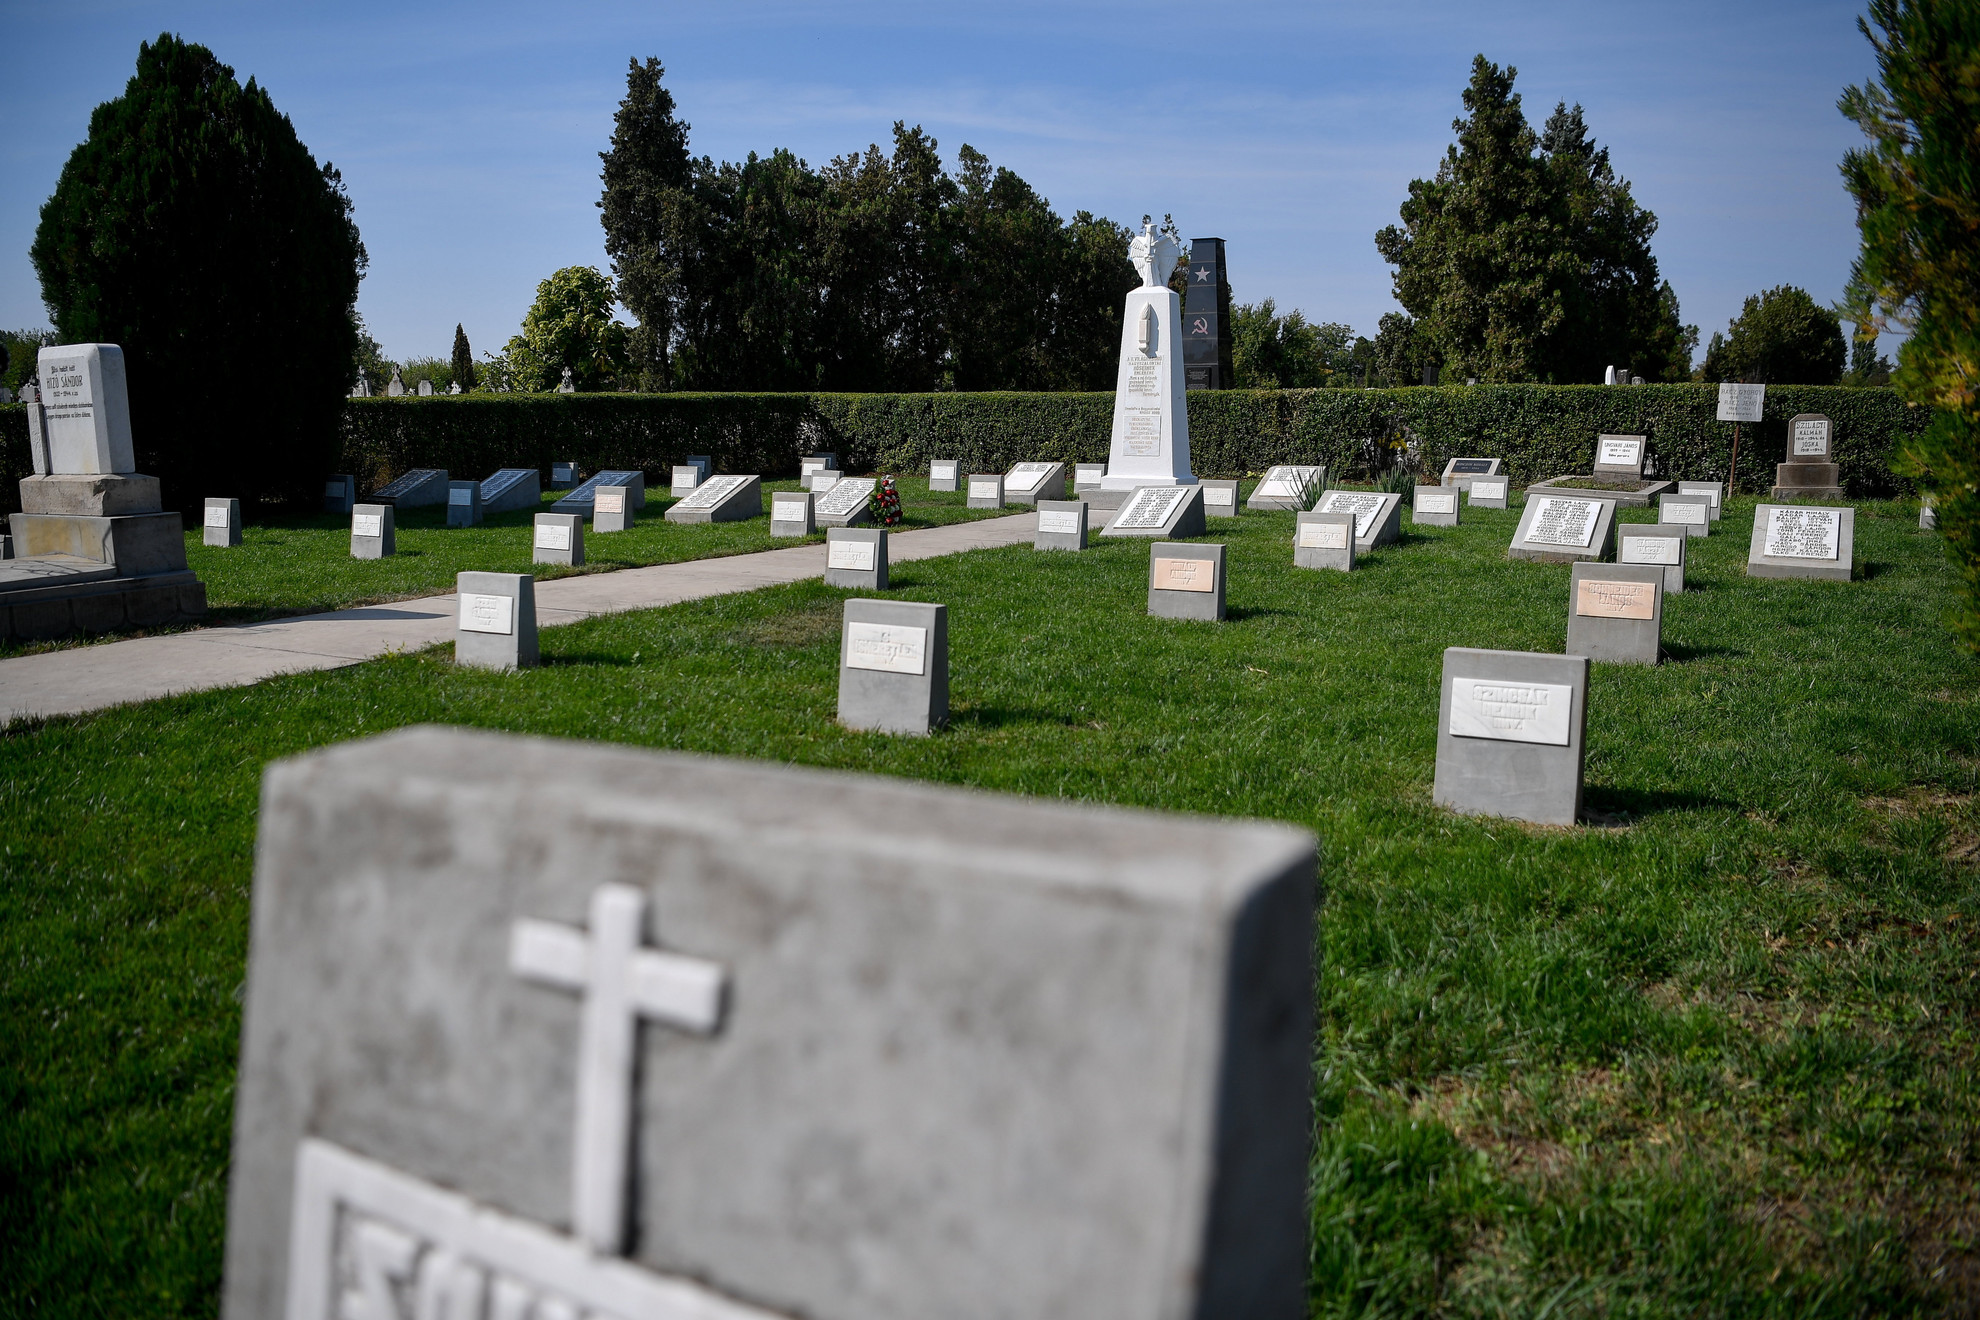 A felújított hősi parcella a partiumi Nagyszalonta temetőjében, az avatás napján, 2021. szeptember 14-én